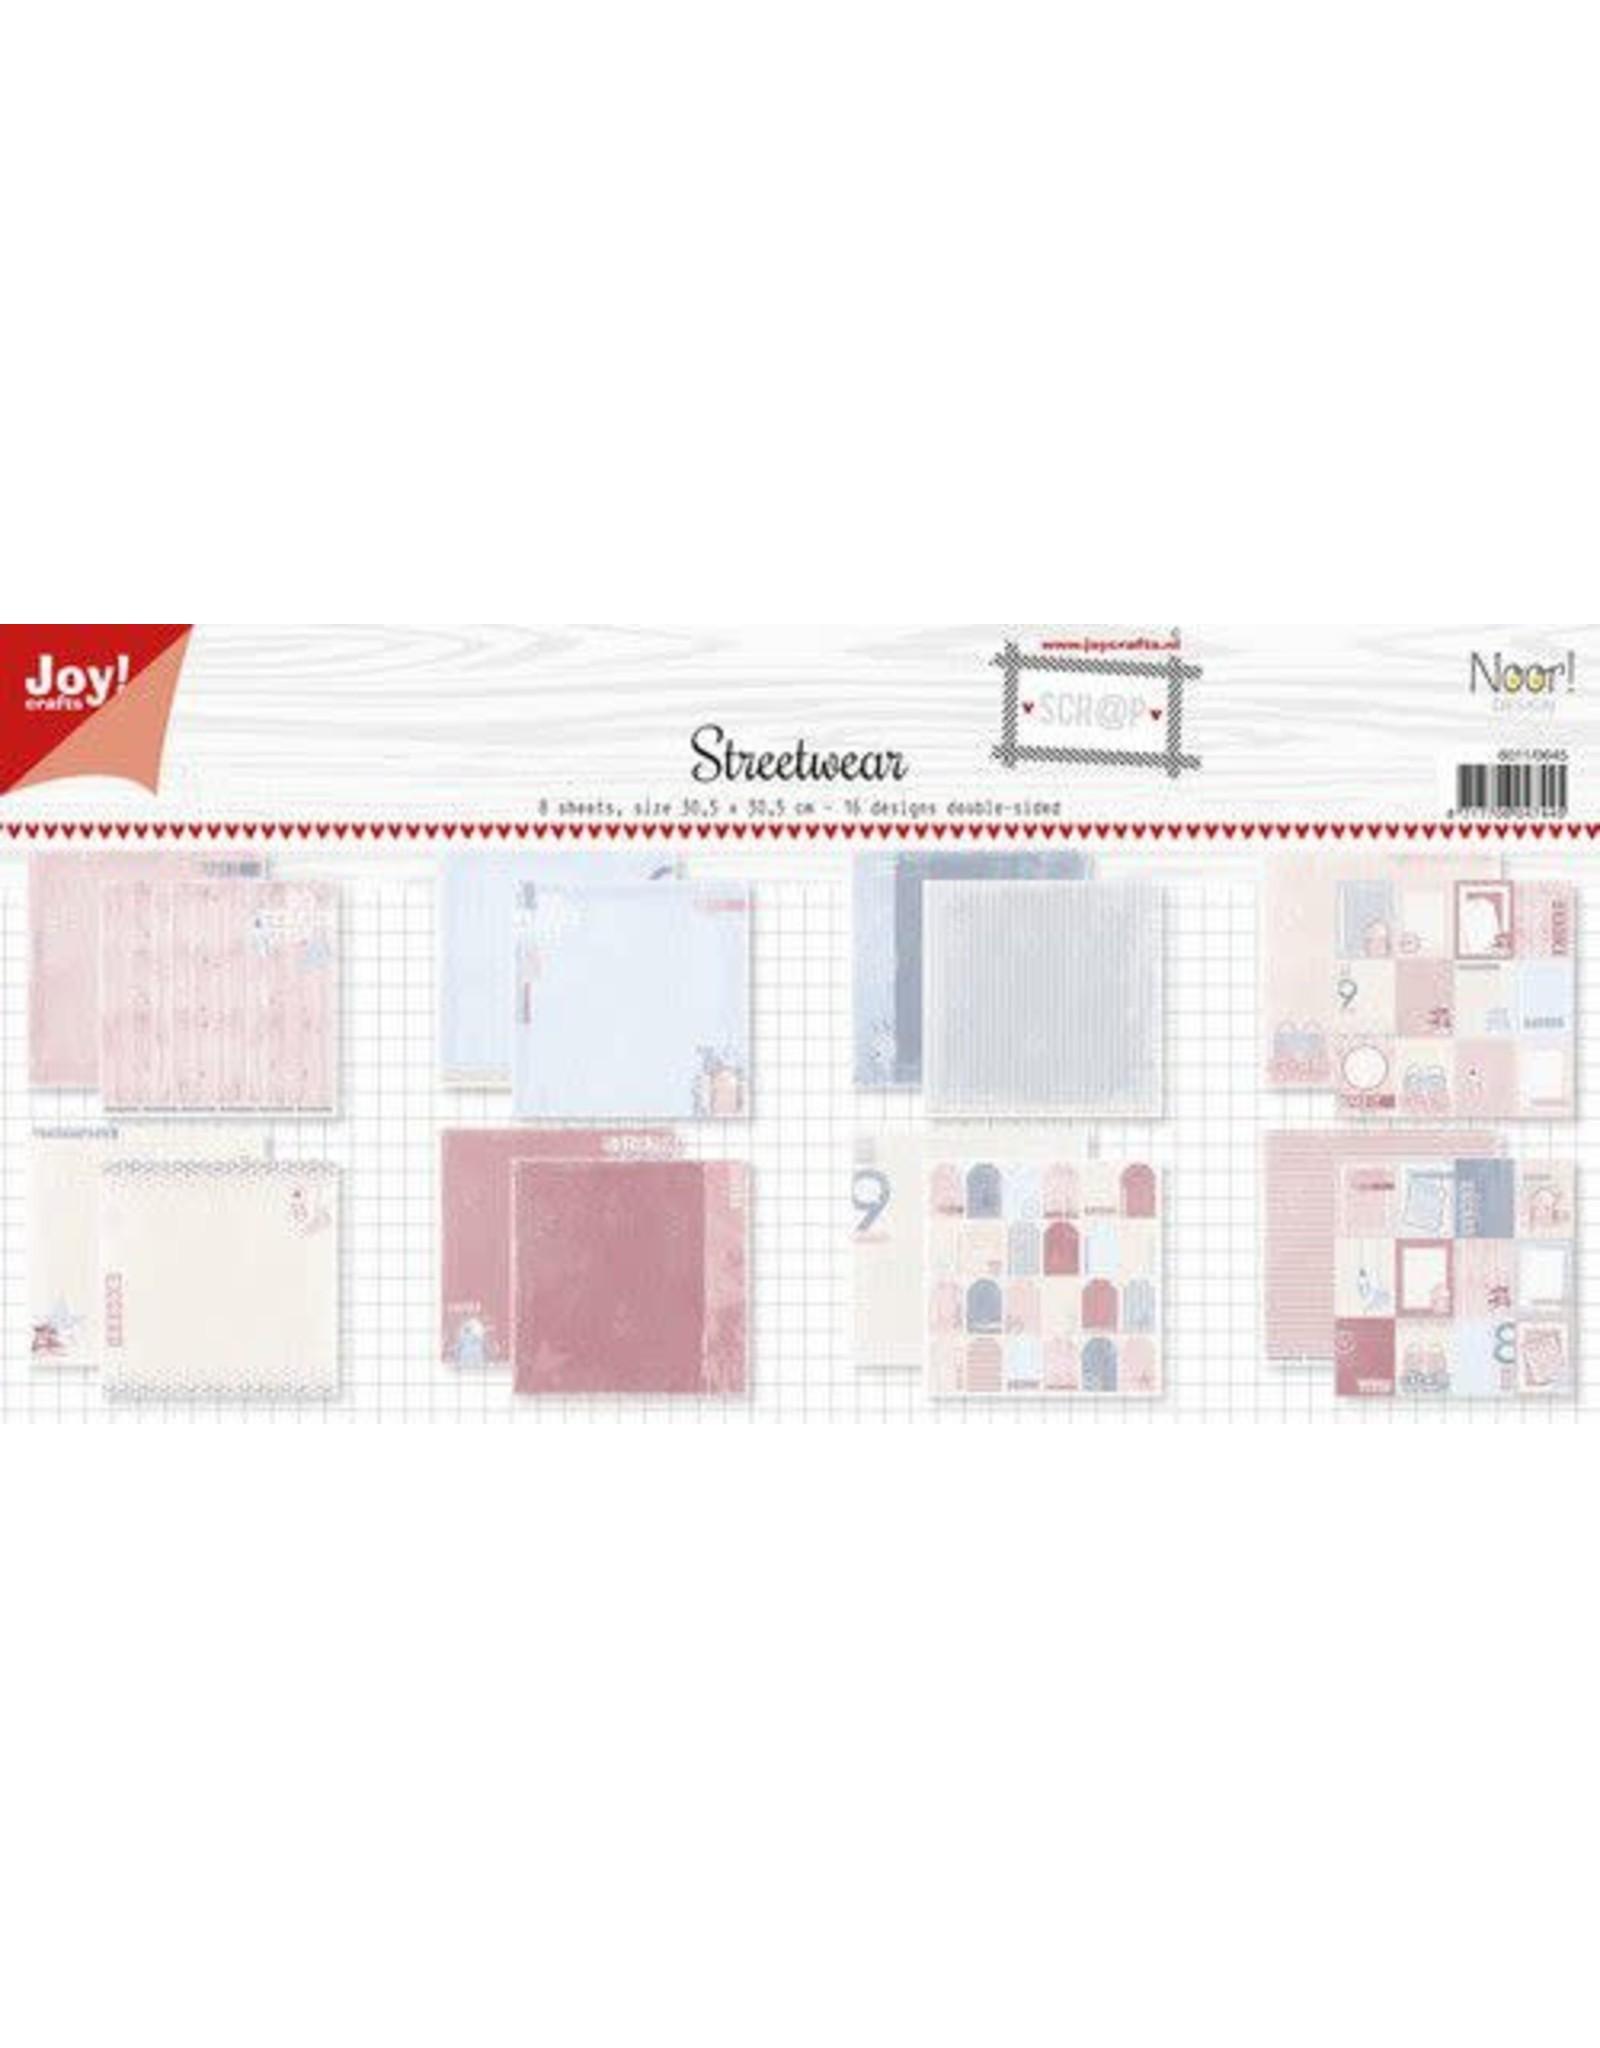 Joy Craft Joy! Crafts Papierset - Design - Noor - Meisje in Jeans 8vl 6011/0645 30,5x30,5 mm 200 gr